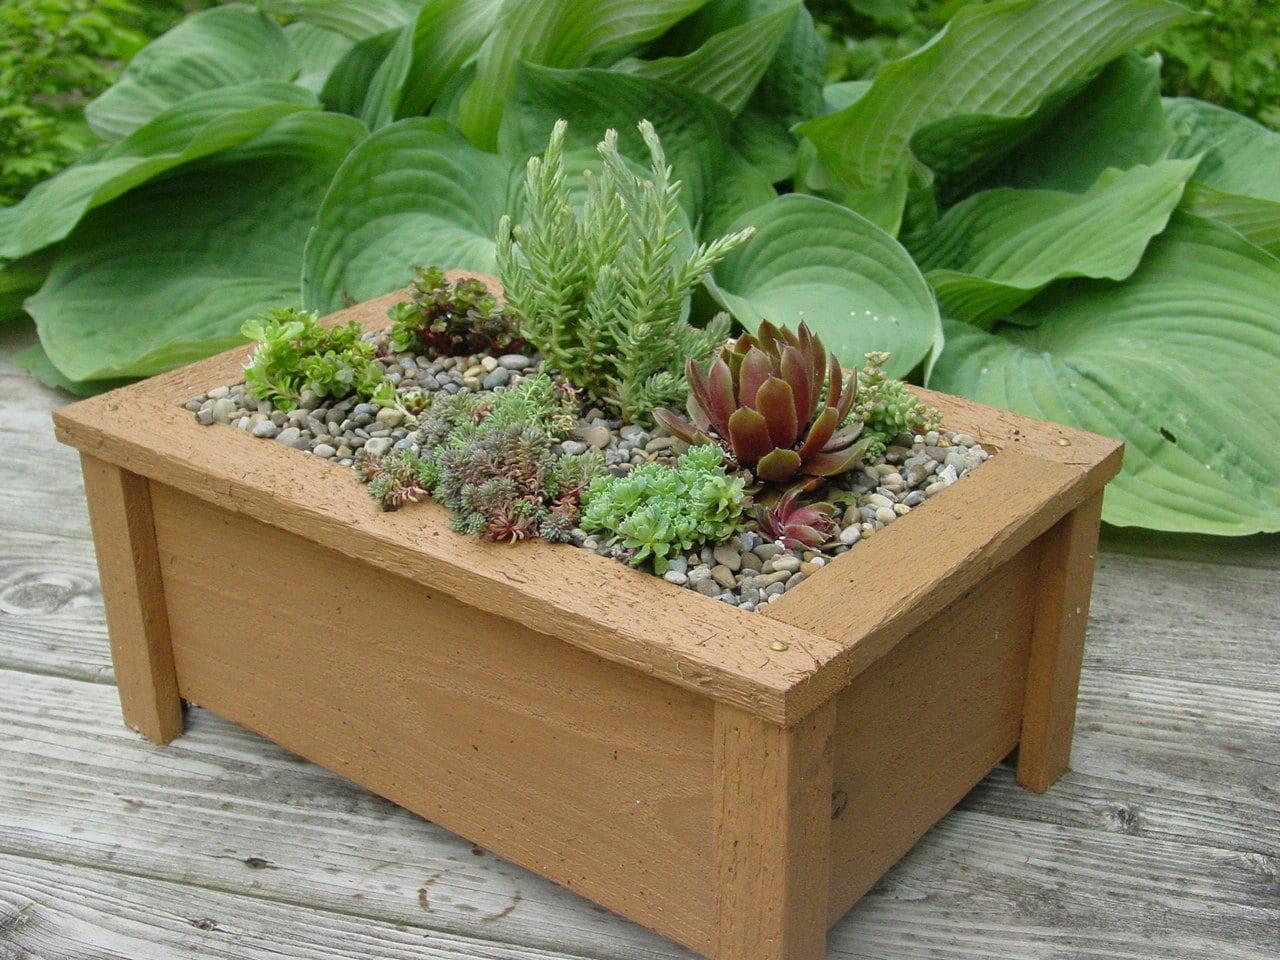 Miniature Garden Fairy Garden Planter Box For Outdoors Or